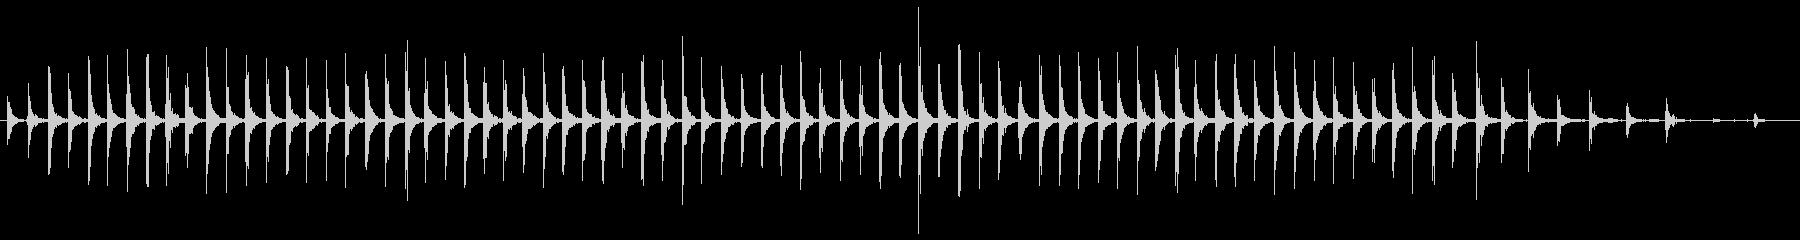 大理石の床のカーペット:男性用ミデ...の未再生の波形